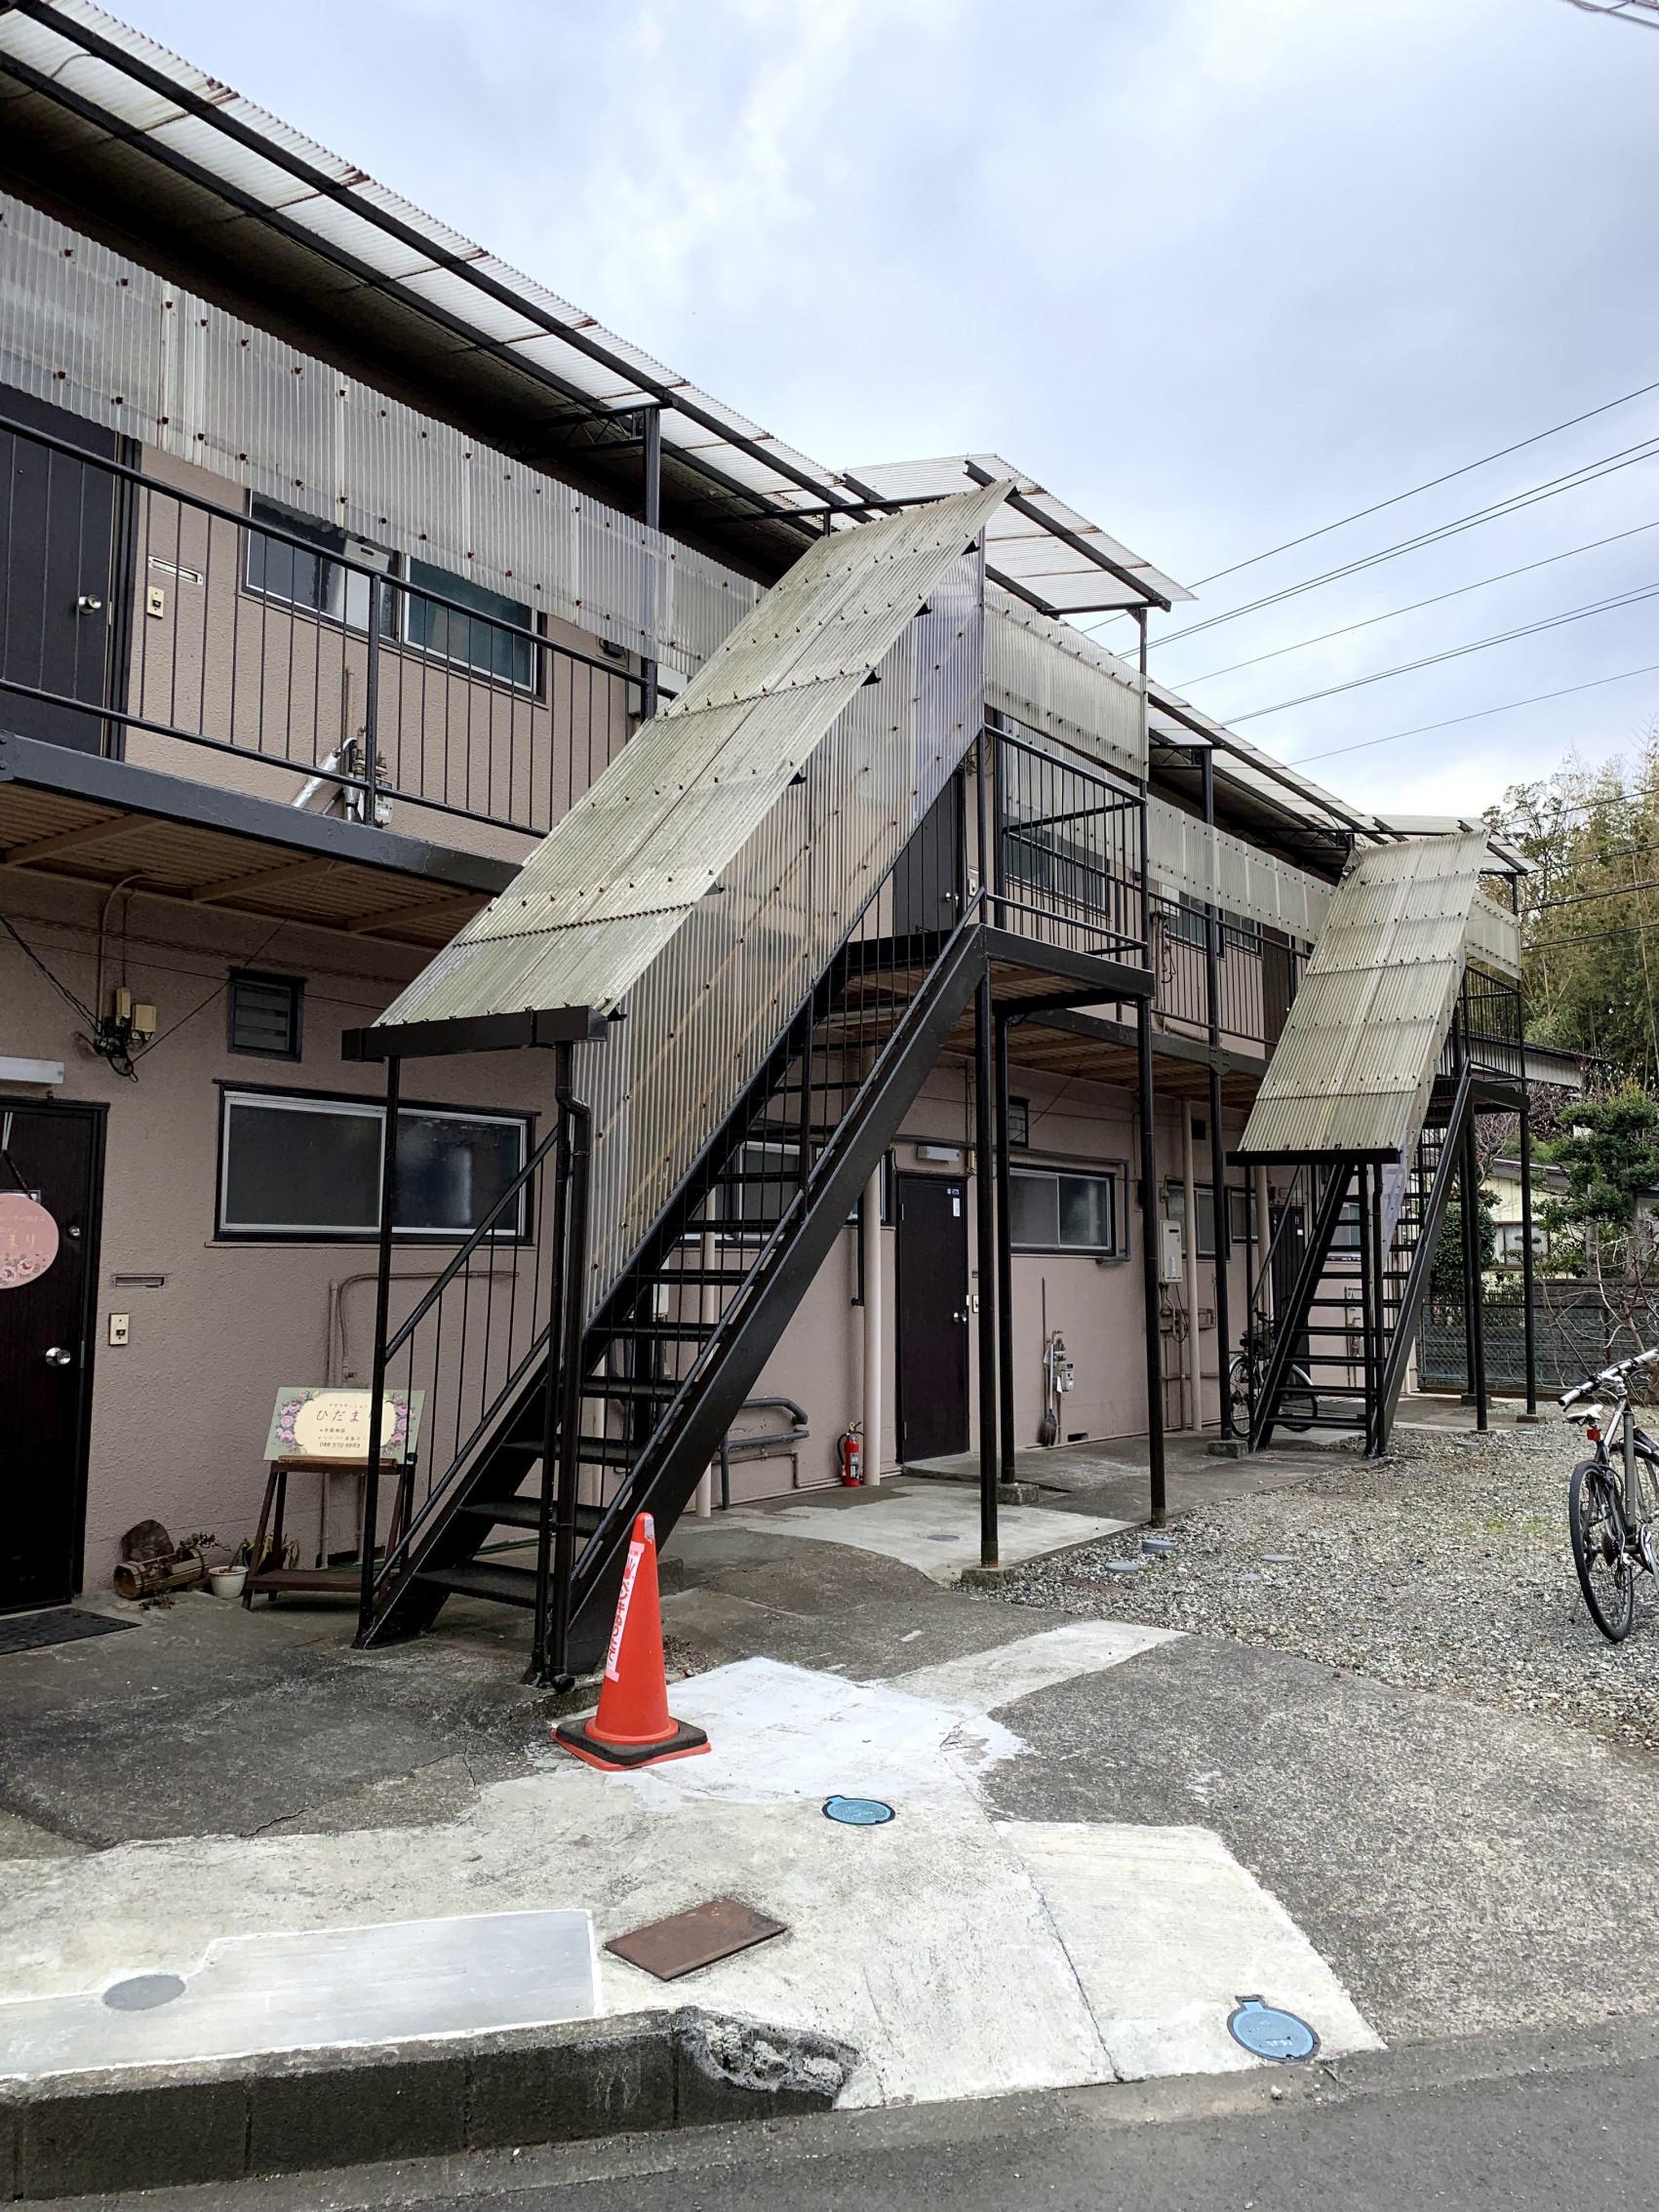 アパート鉄骨階段画像